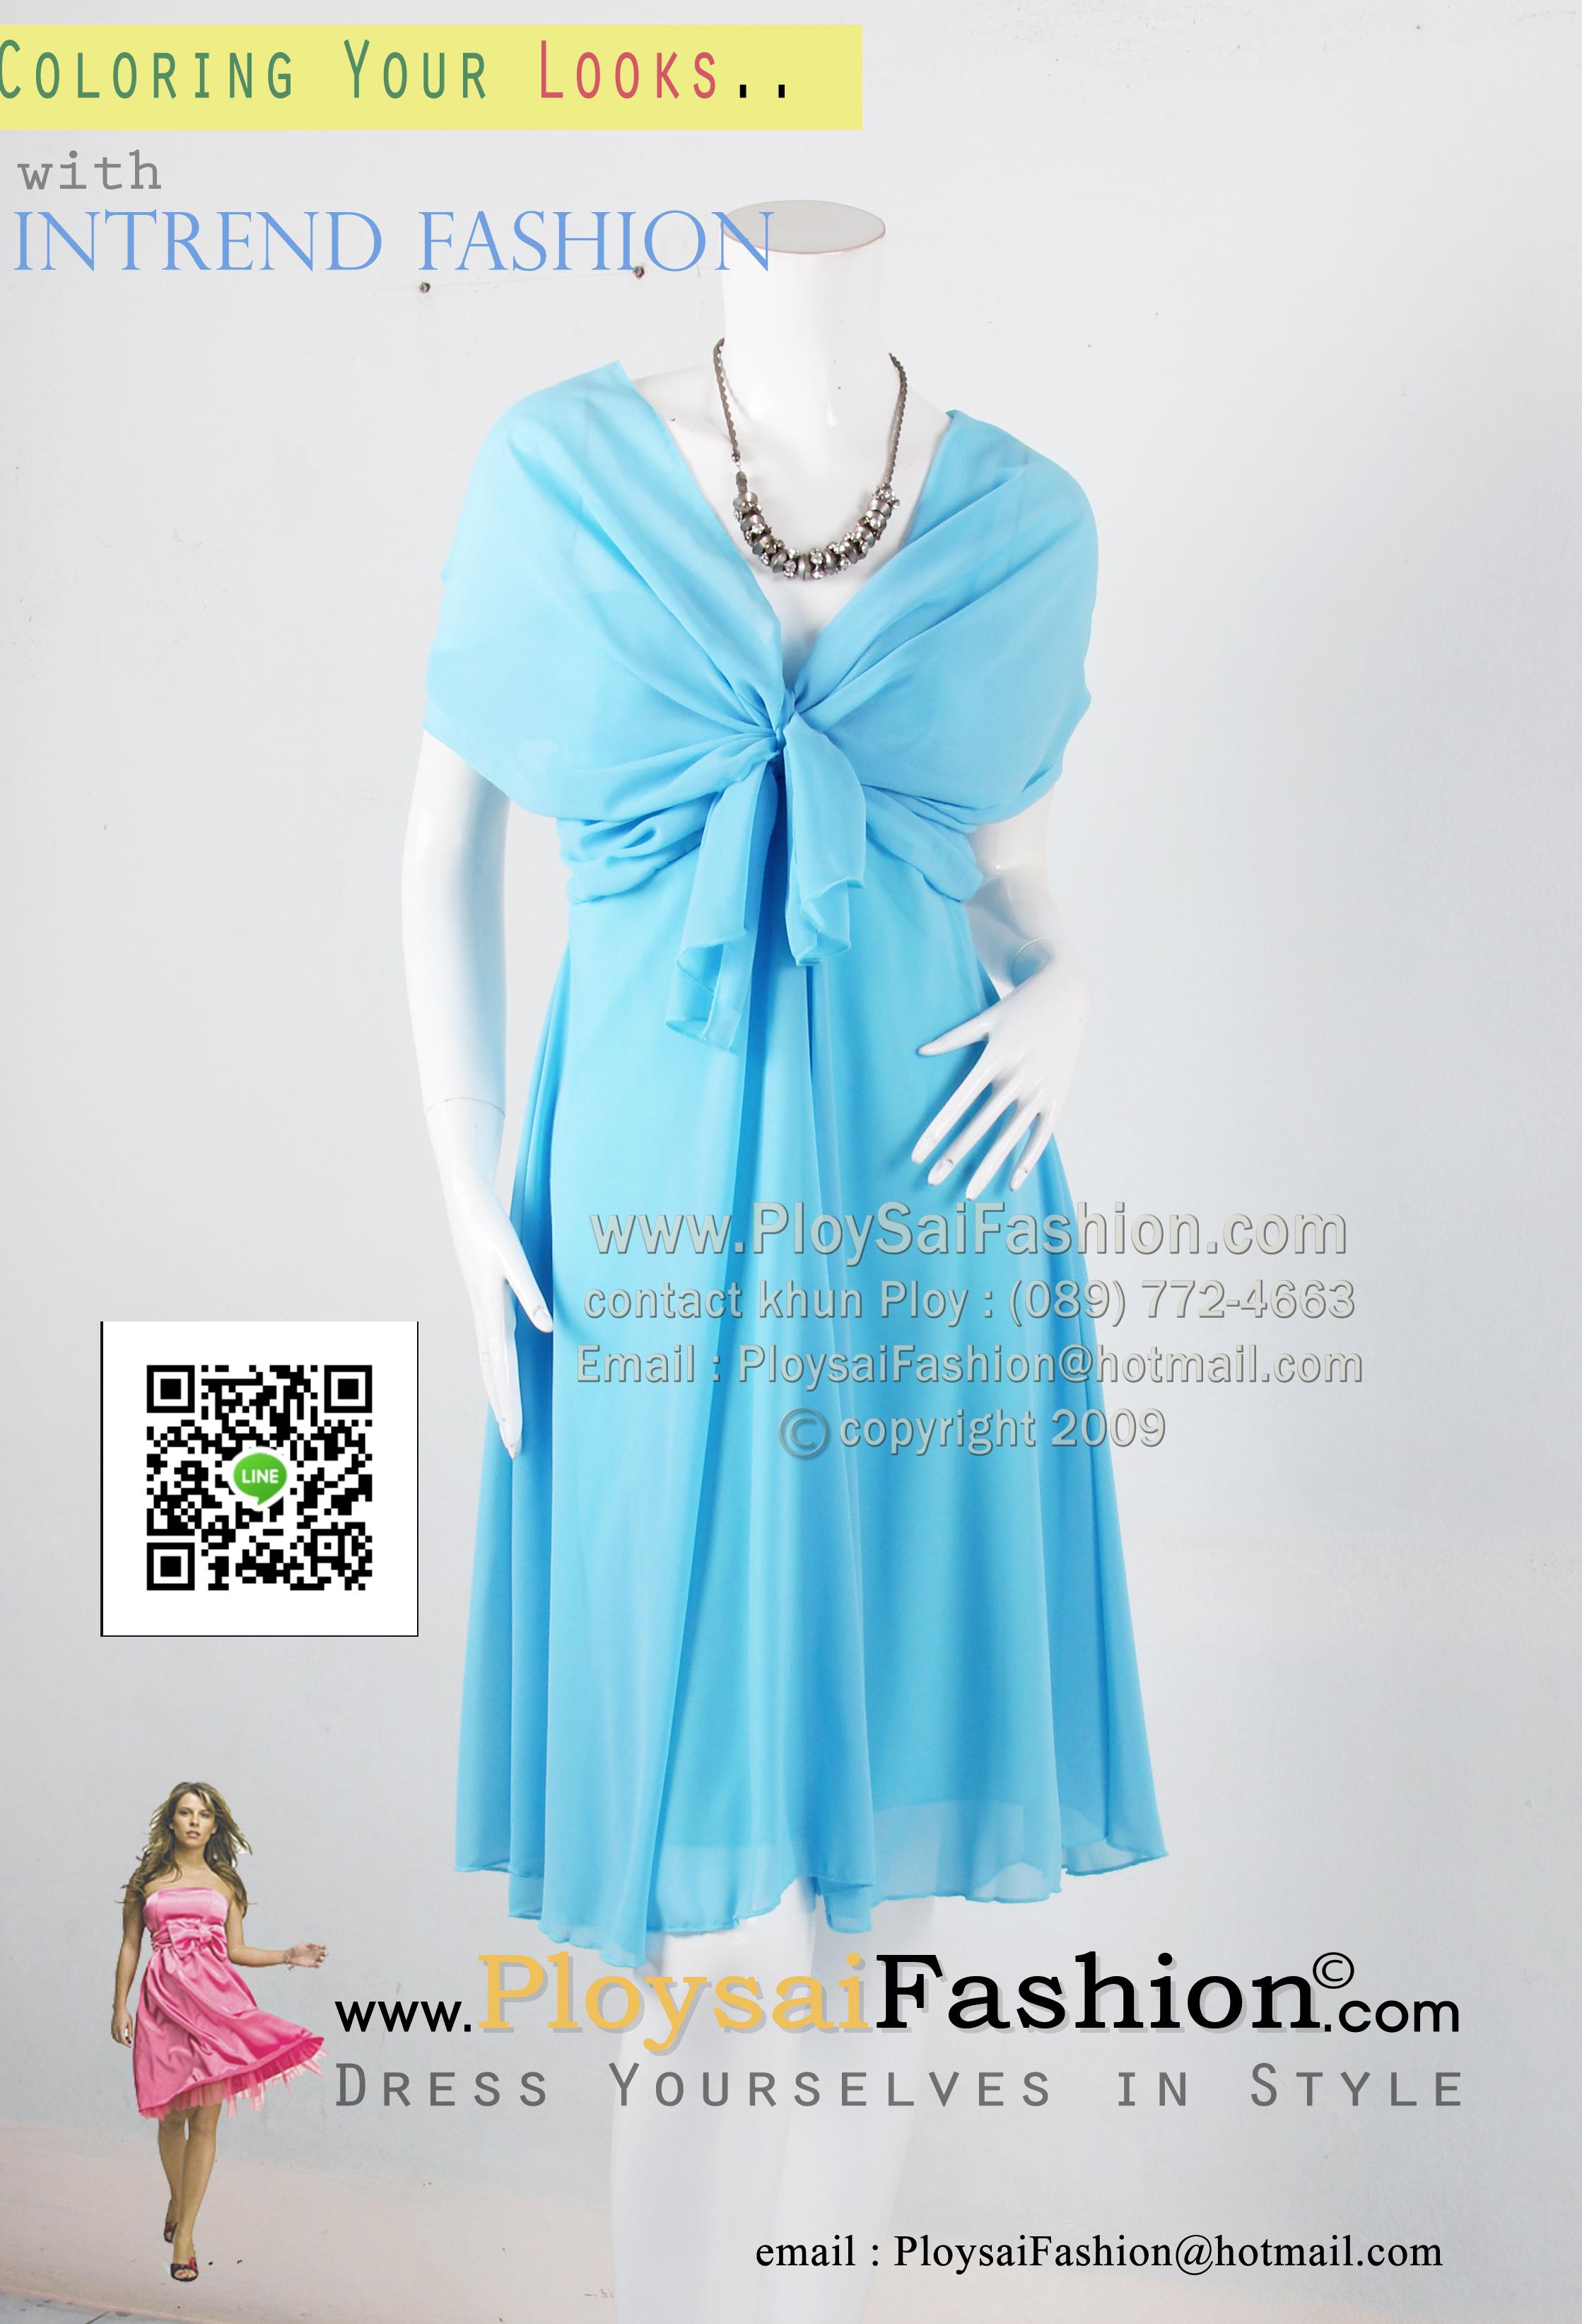 an022 - ชุดไปงานแต่ง (สาวอวบใส่ได้)ผ้าซีฟองสีฟ้า ช่วงอกดีไซน์คลุมไหล่ สวยเรียบร้อยสุดๆค่ะ